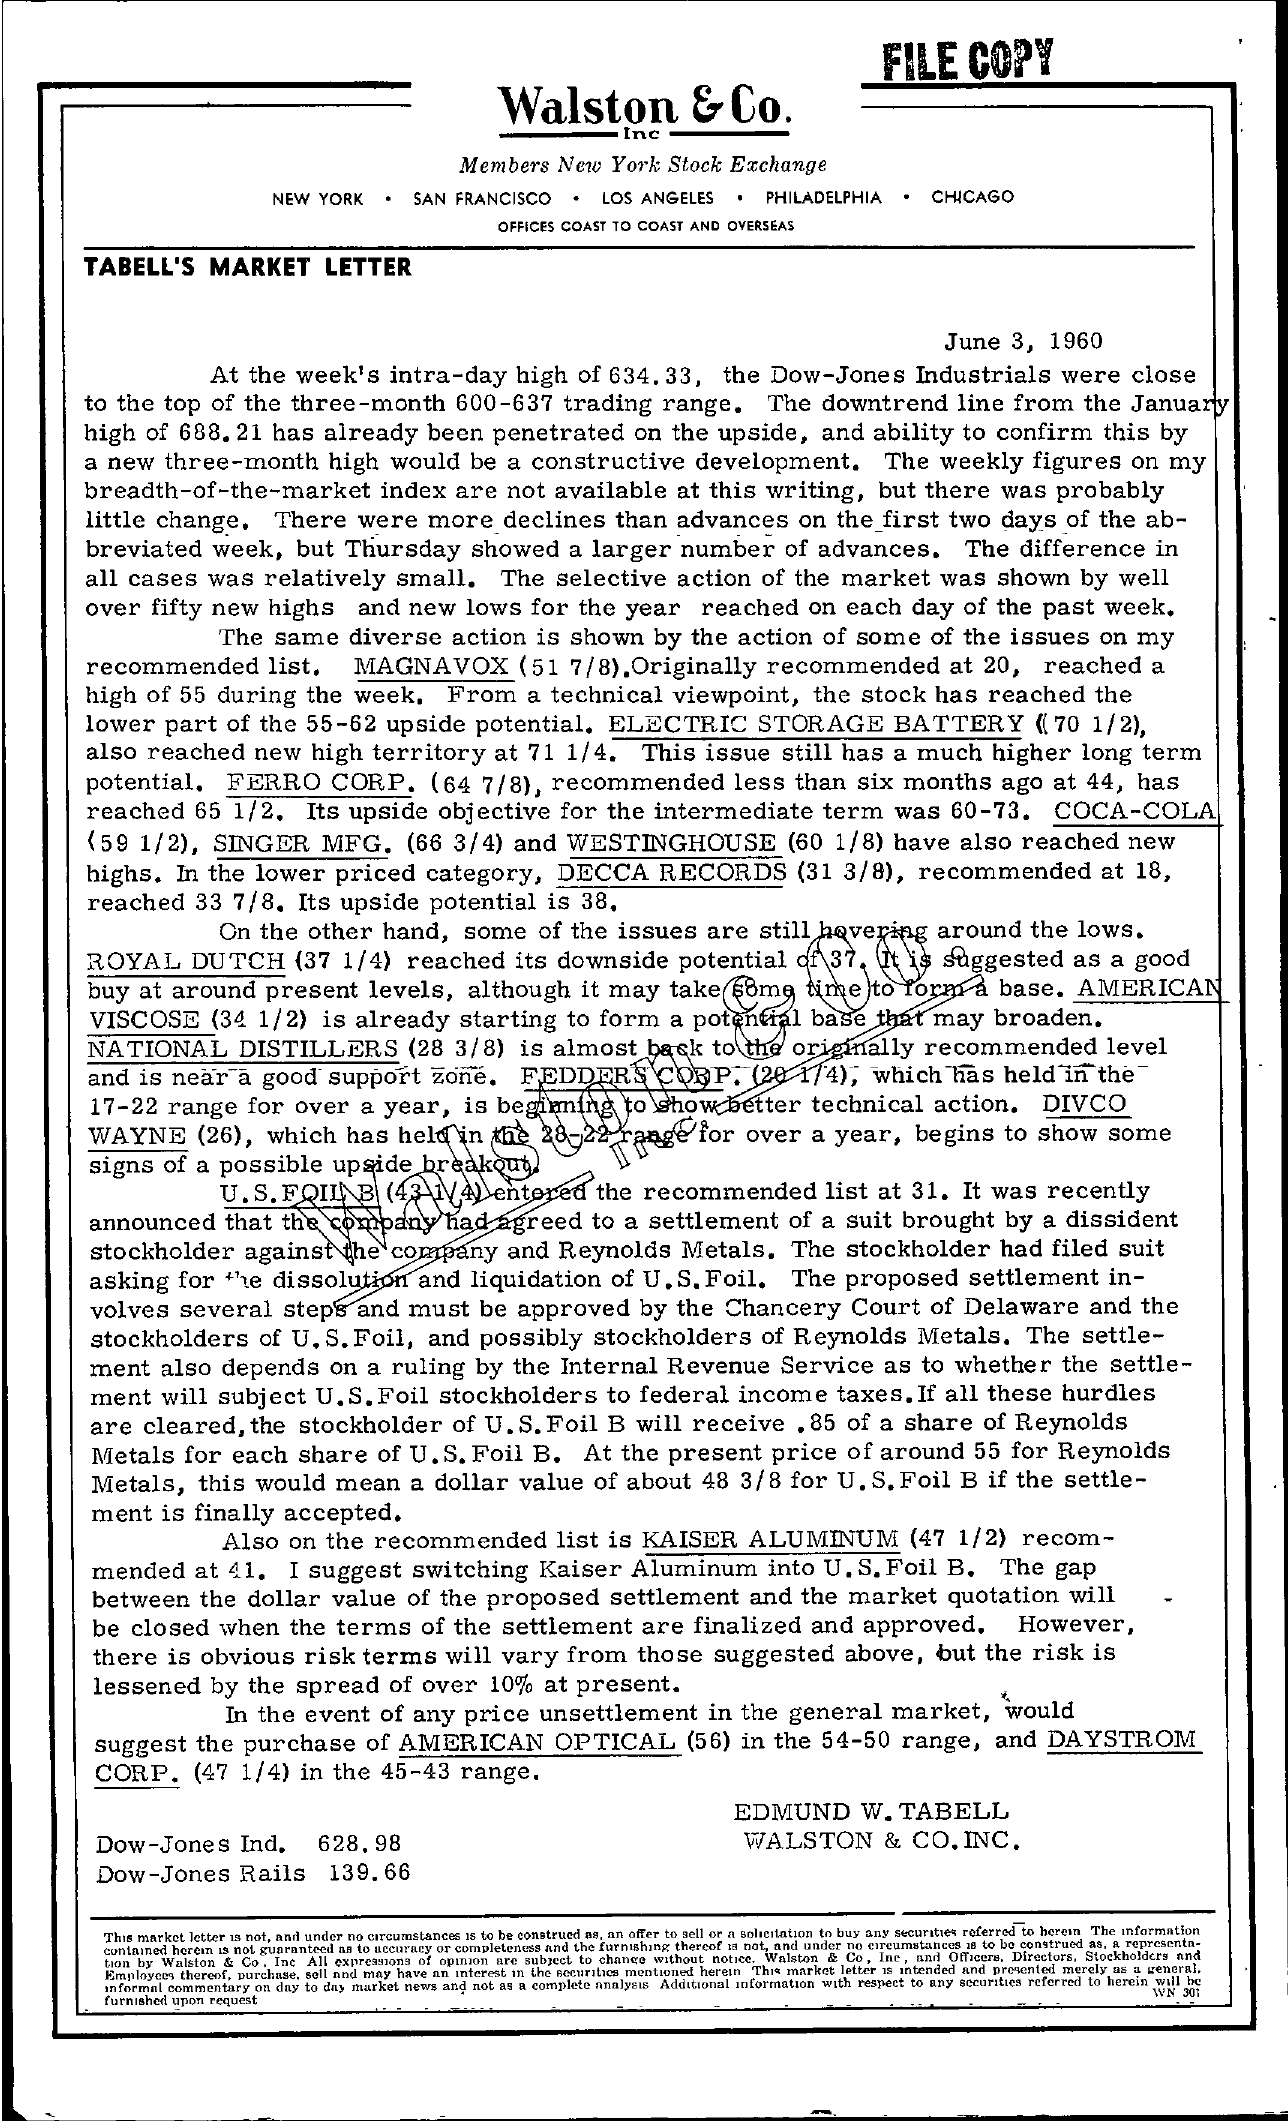 Tabell's Market Letter - June 03, 1960